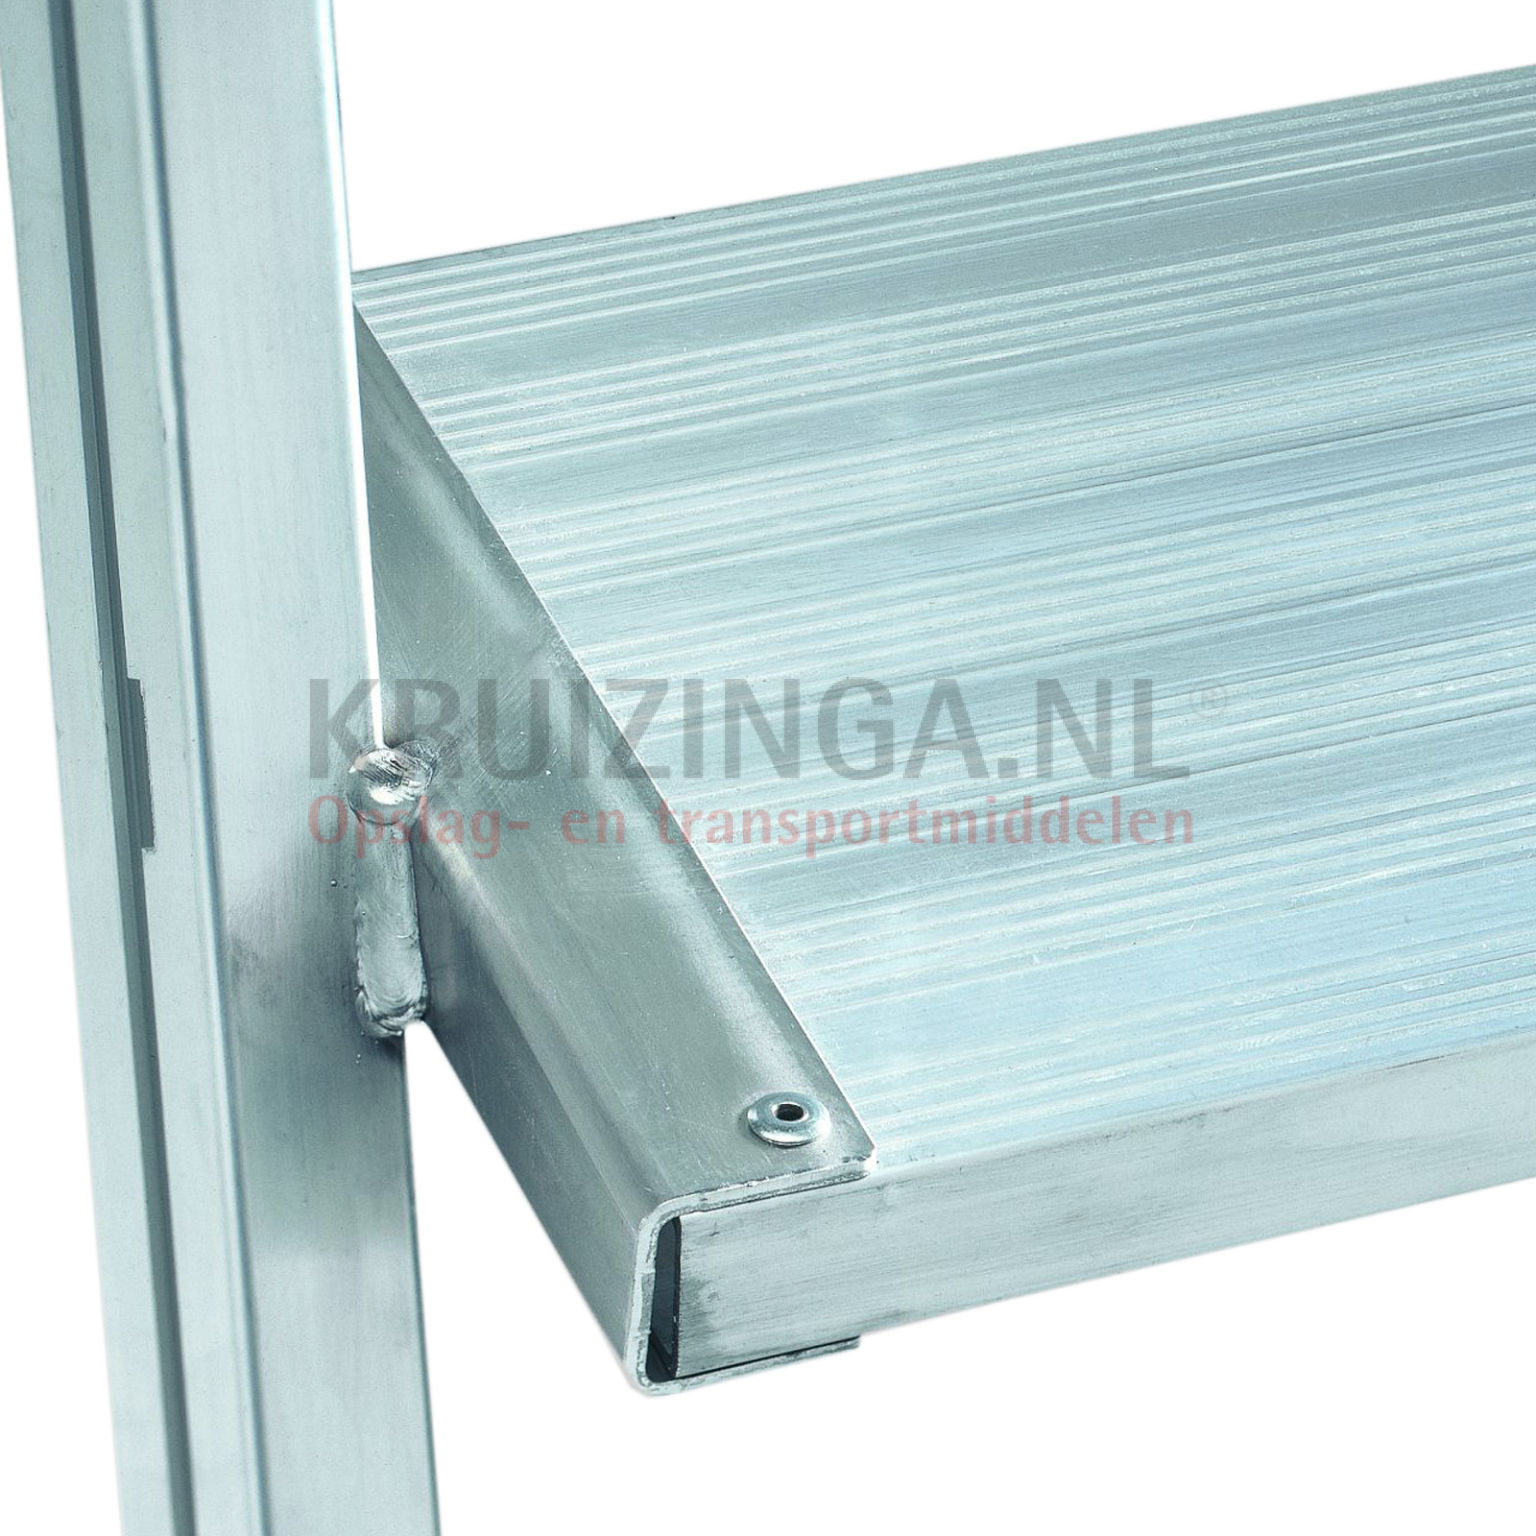 leiter aluminium prodestleiter einseitig begehbar 8 stufen inkl plattform. Black Bedroom Furniture Sets. Home Design Ideas